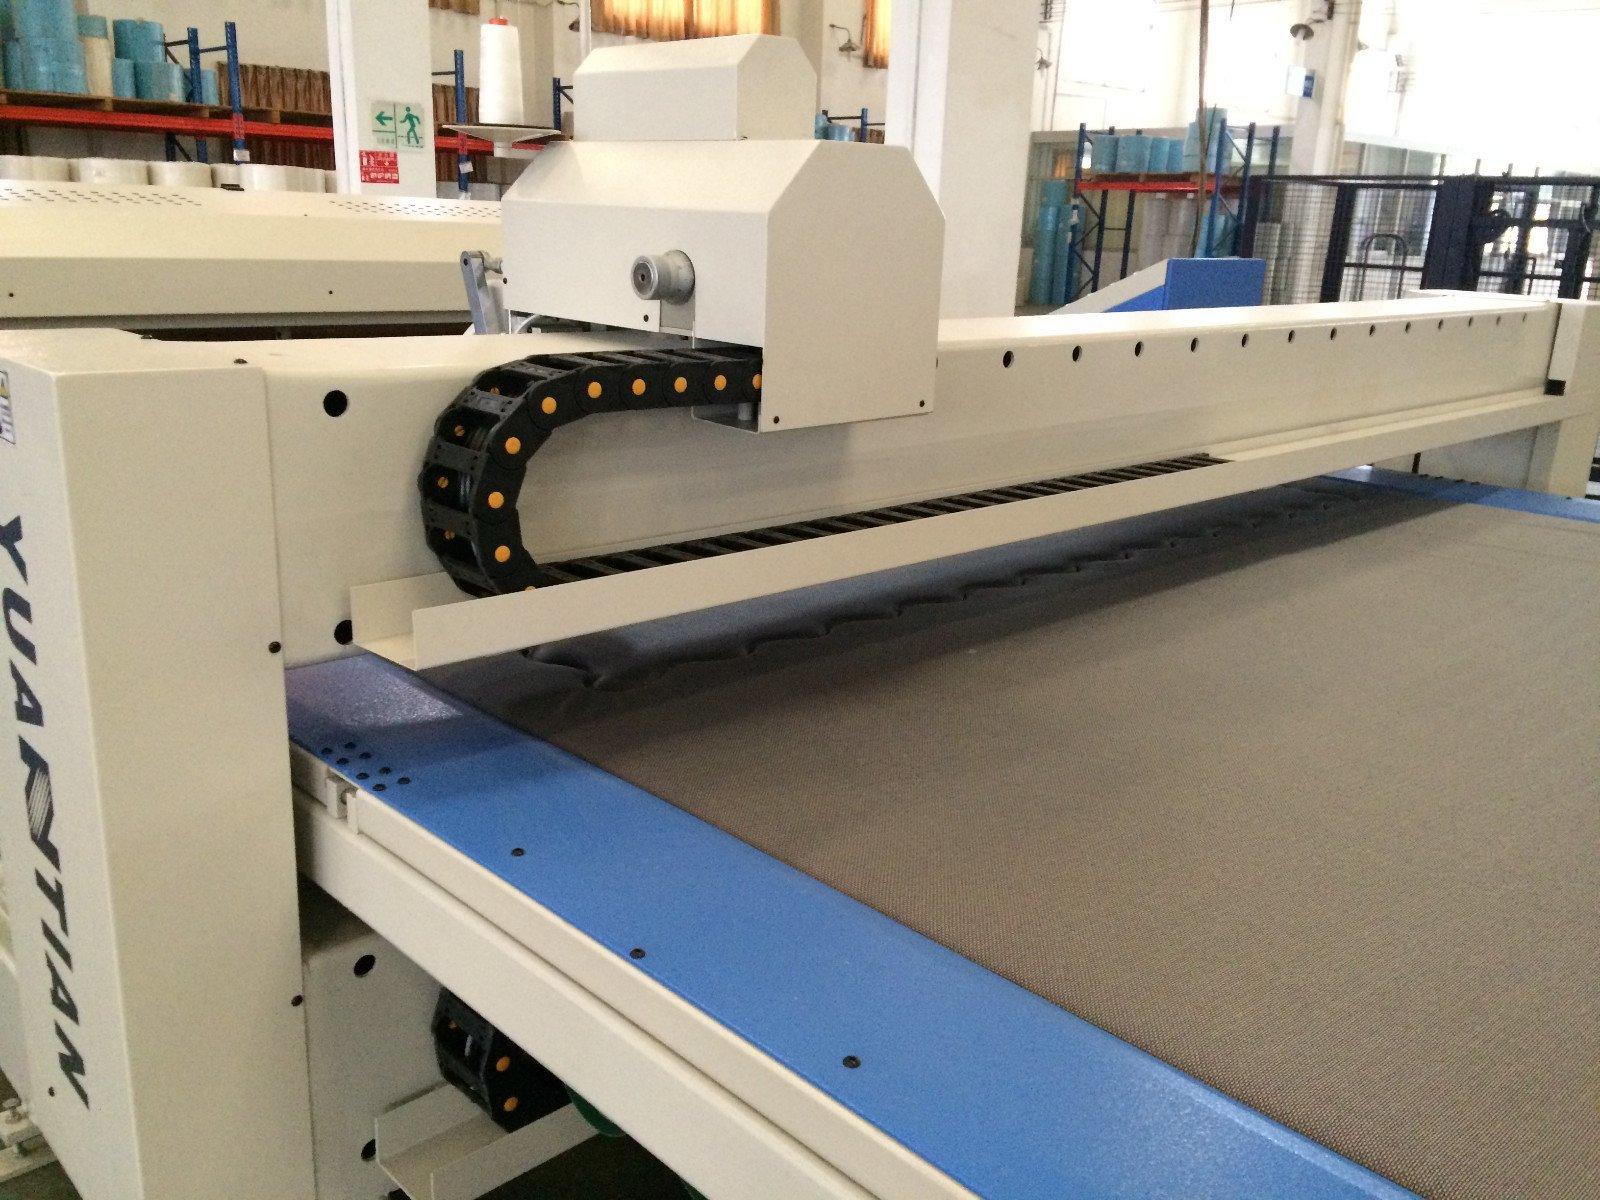 wbsh3 lockstitch quilting machine for mattress price YUANTIAN Mattress Machines